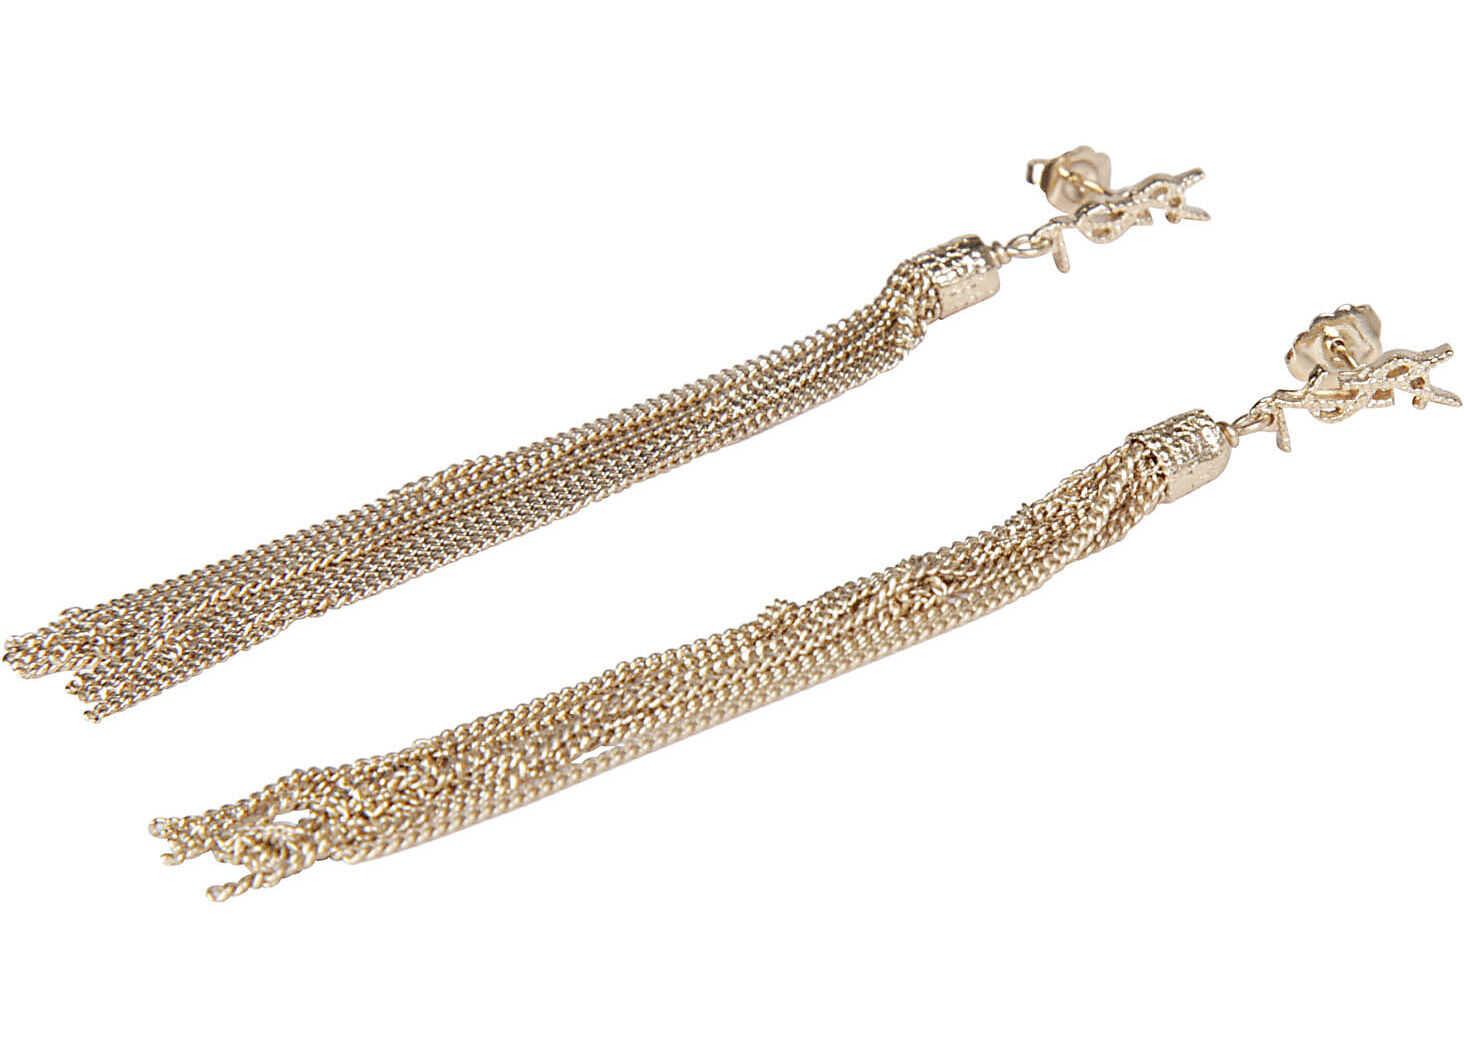 Saint Laurent Earrings 506030Y1614 DORE CLAIR image0